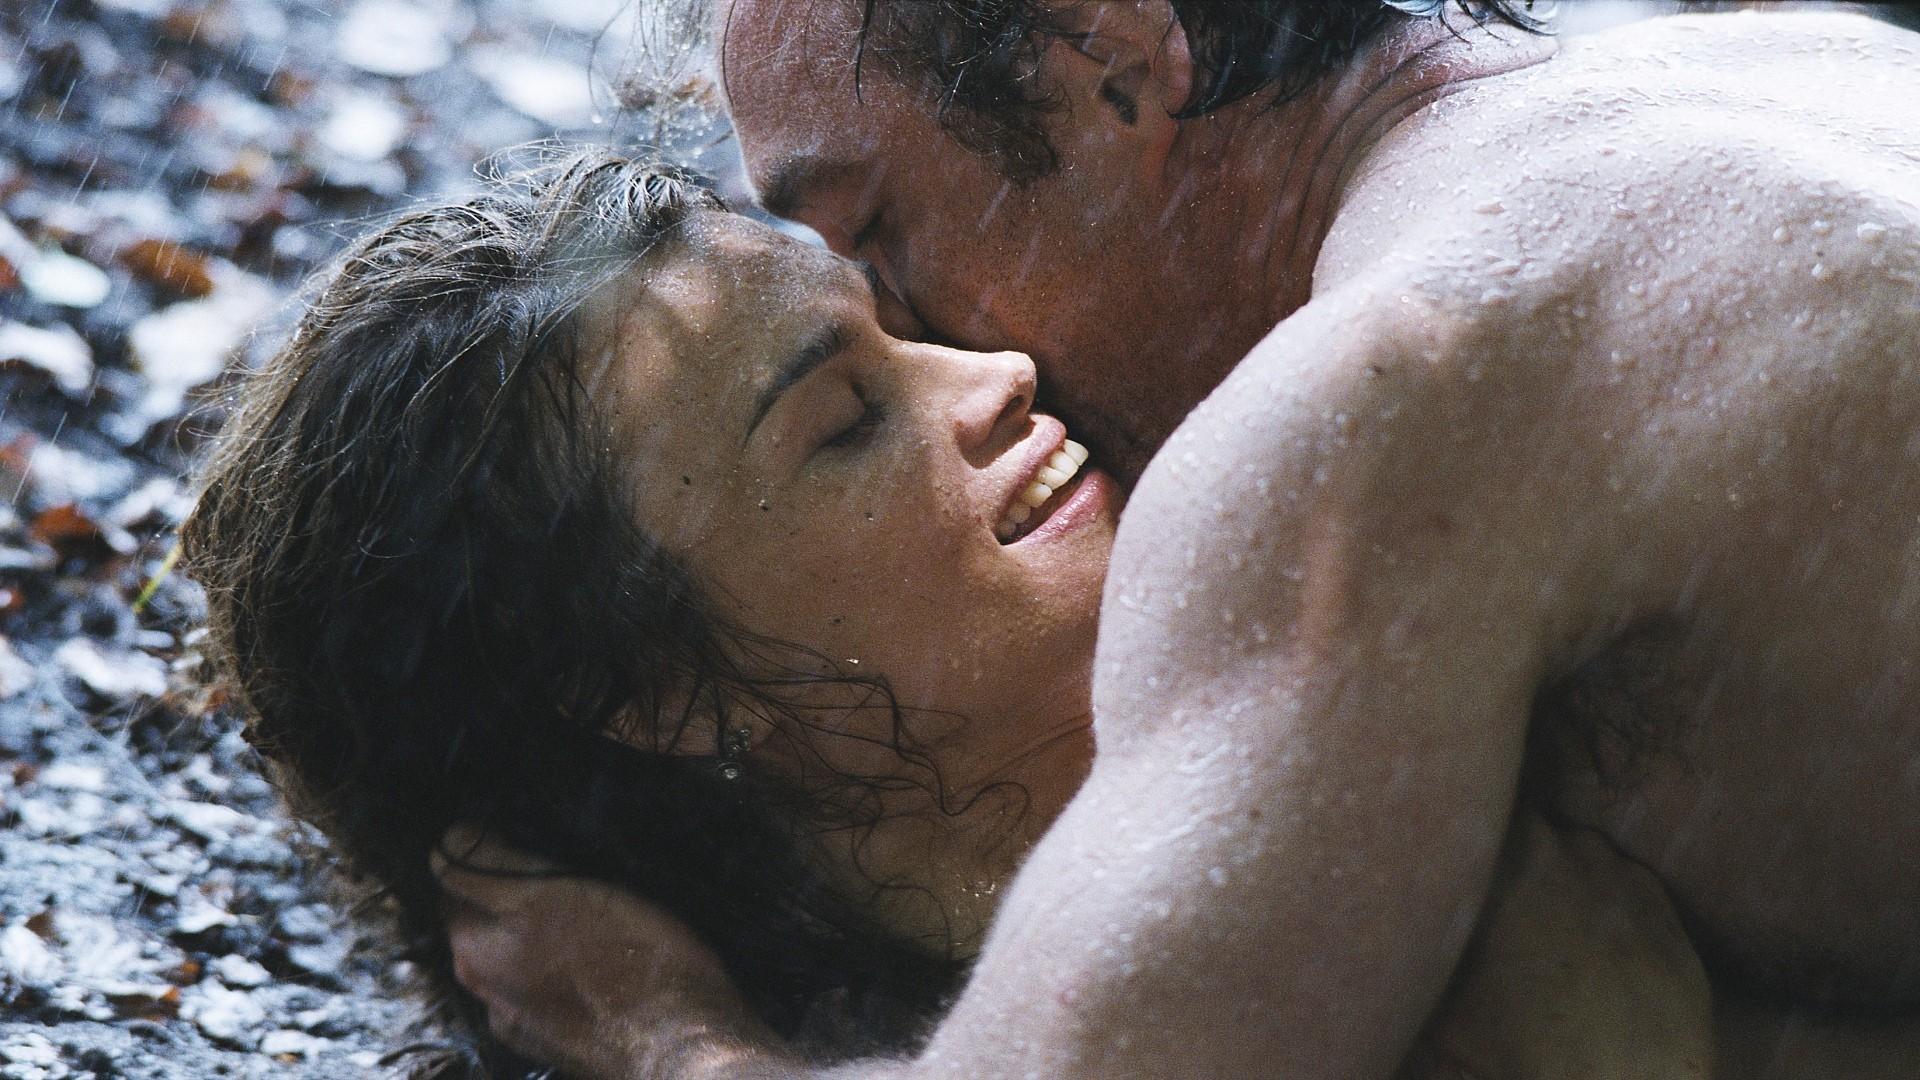 eroticheskaya-chistaya-filmi-polovie-chleni-afrikantsev-video